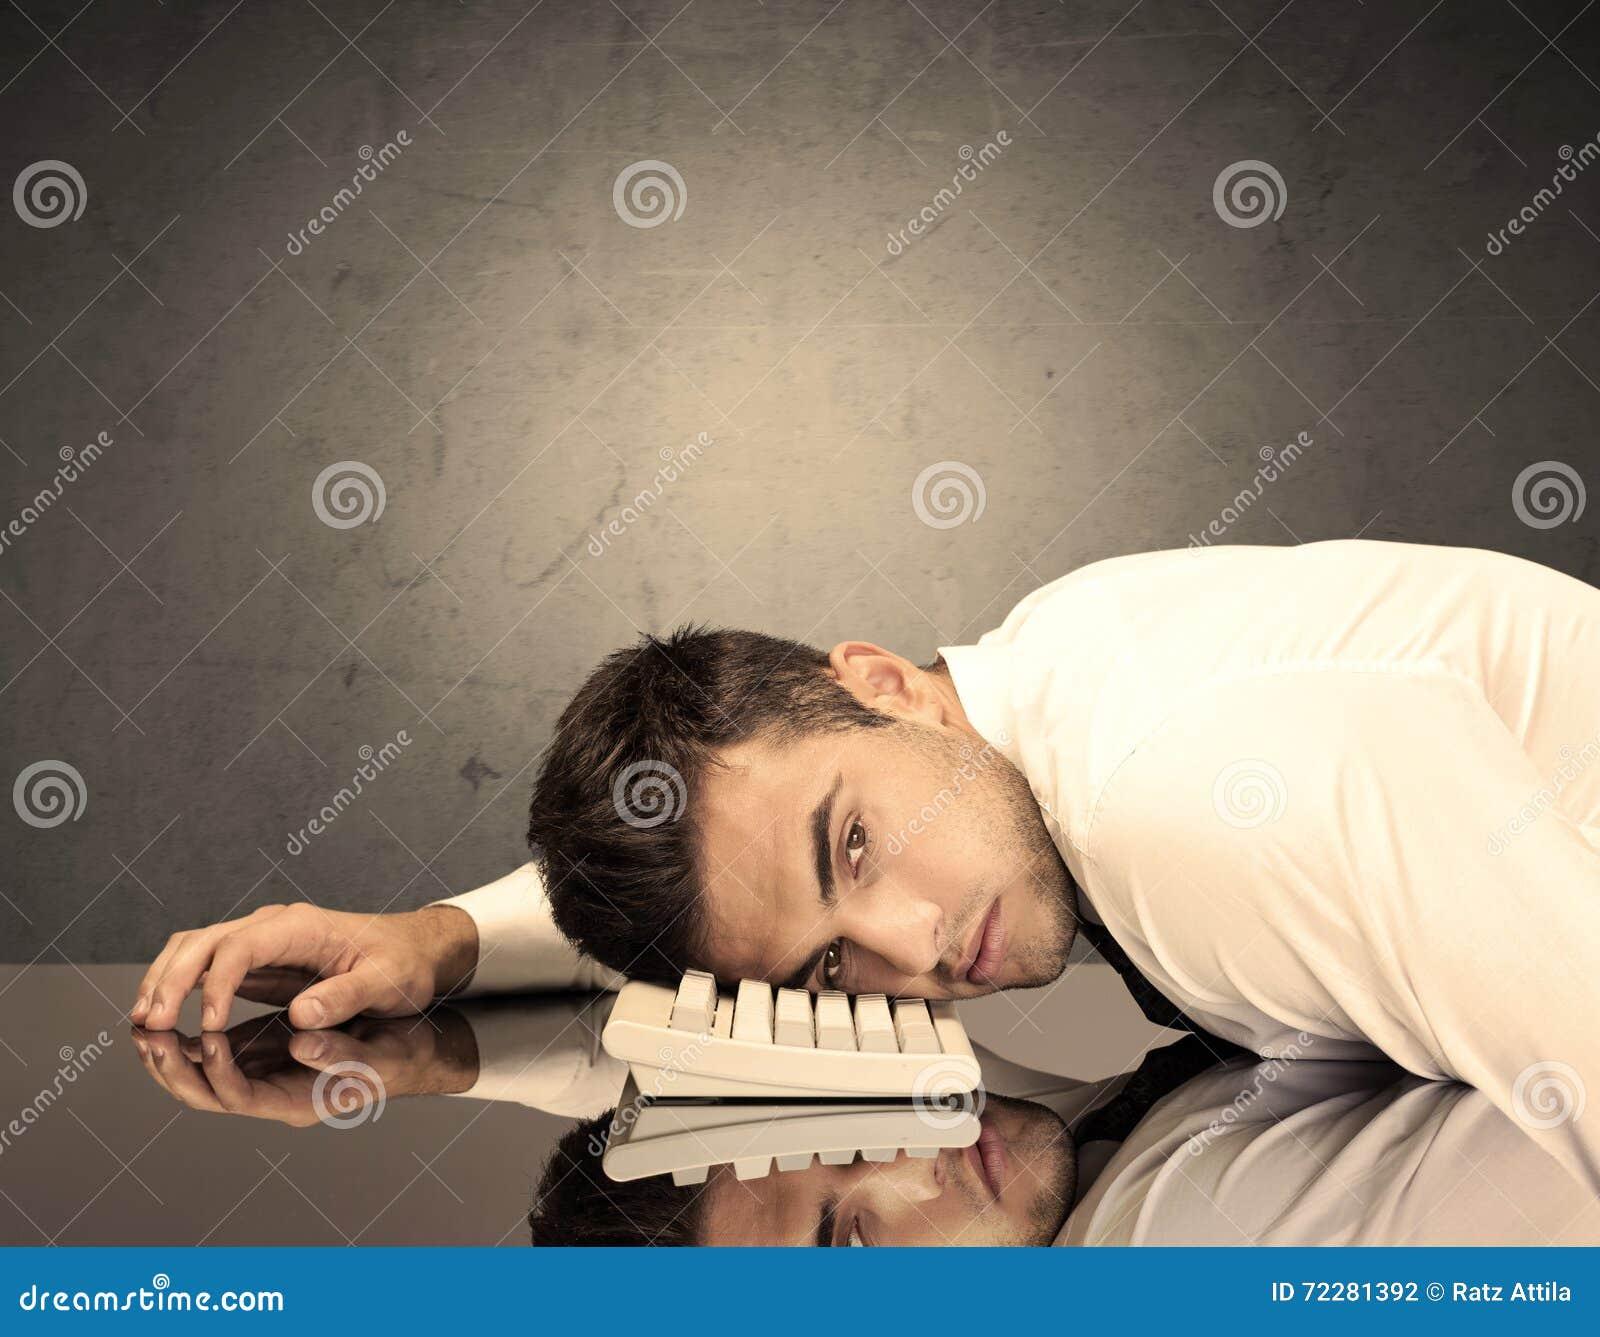 Download Голова разочарованного бизнесмена на клавиатуре Стоковое Фото - изображение насчитывающей грохая, анимизма: 72281392